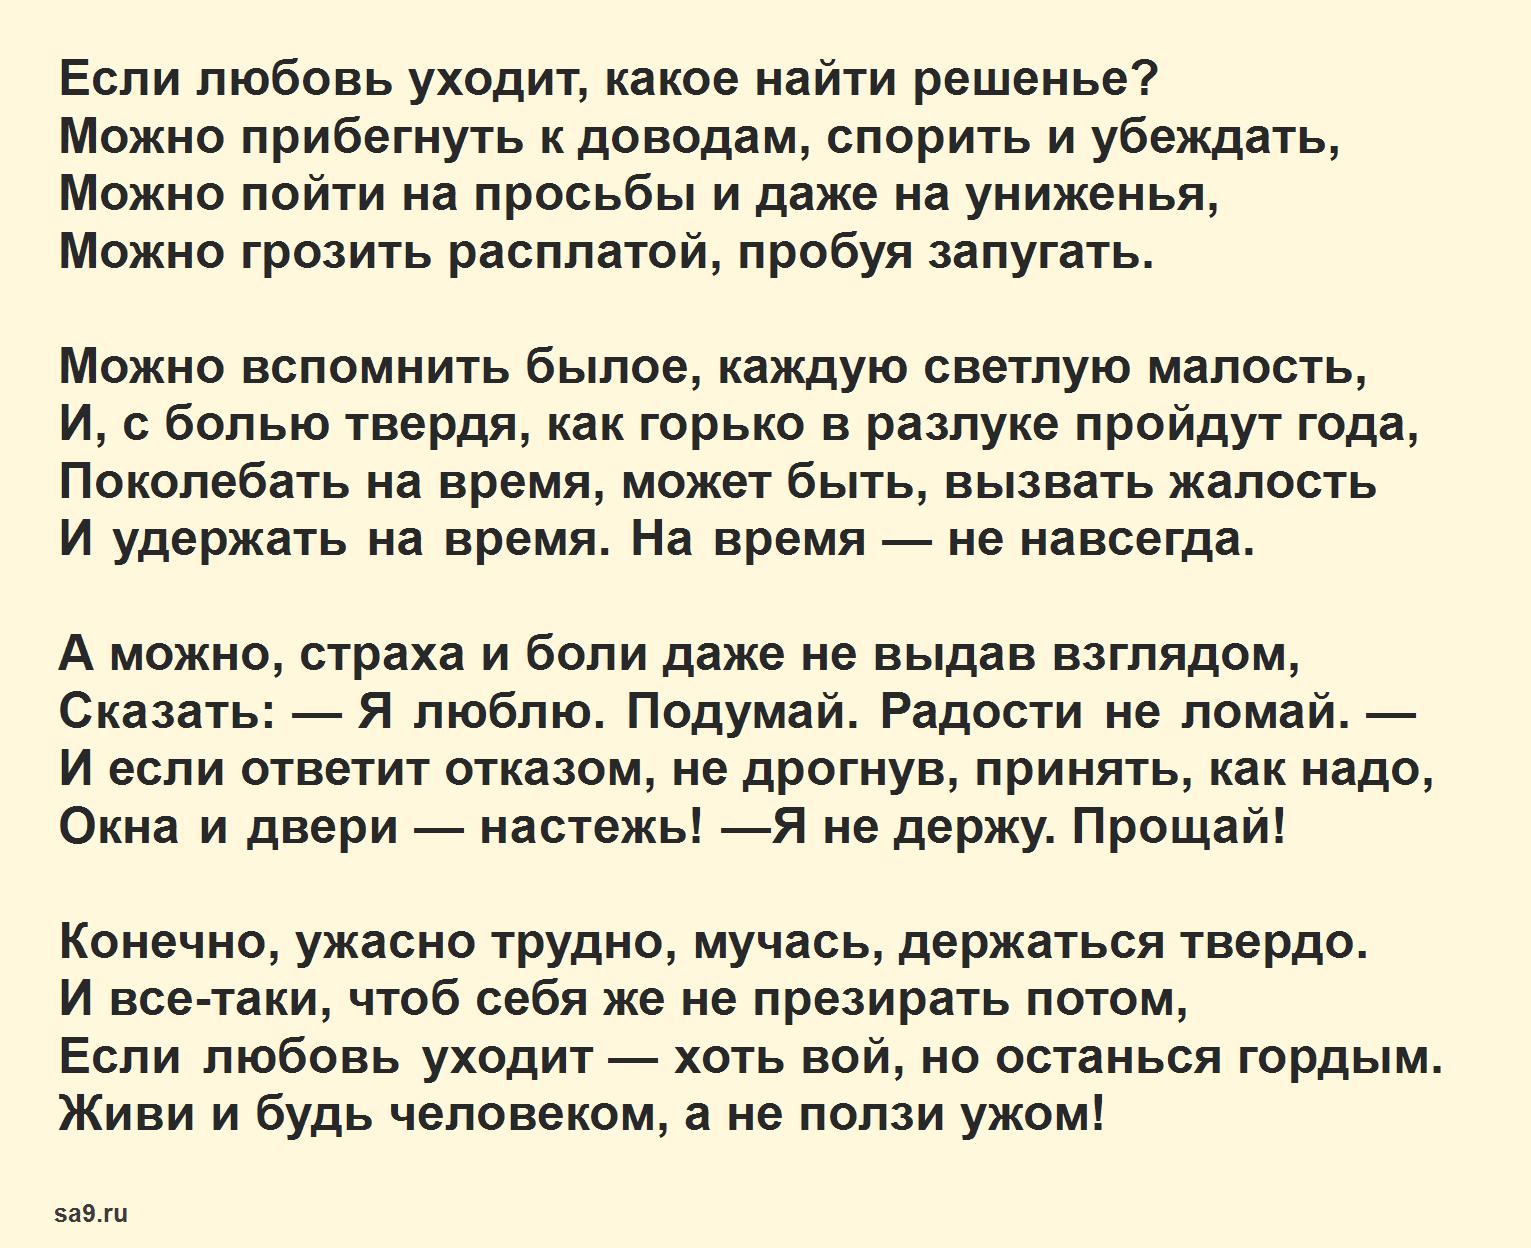 Читать стихи Асадова о любви - Если любовь уходит, какое найти решенье